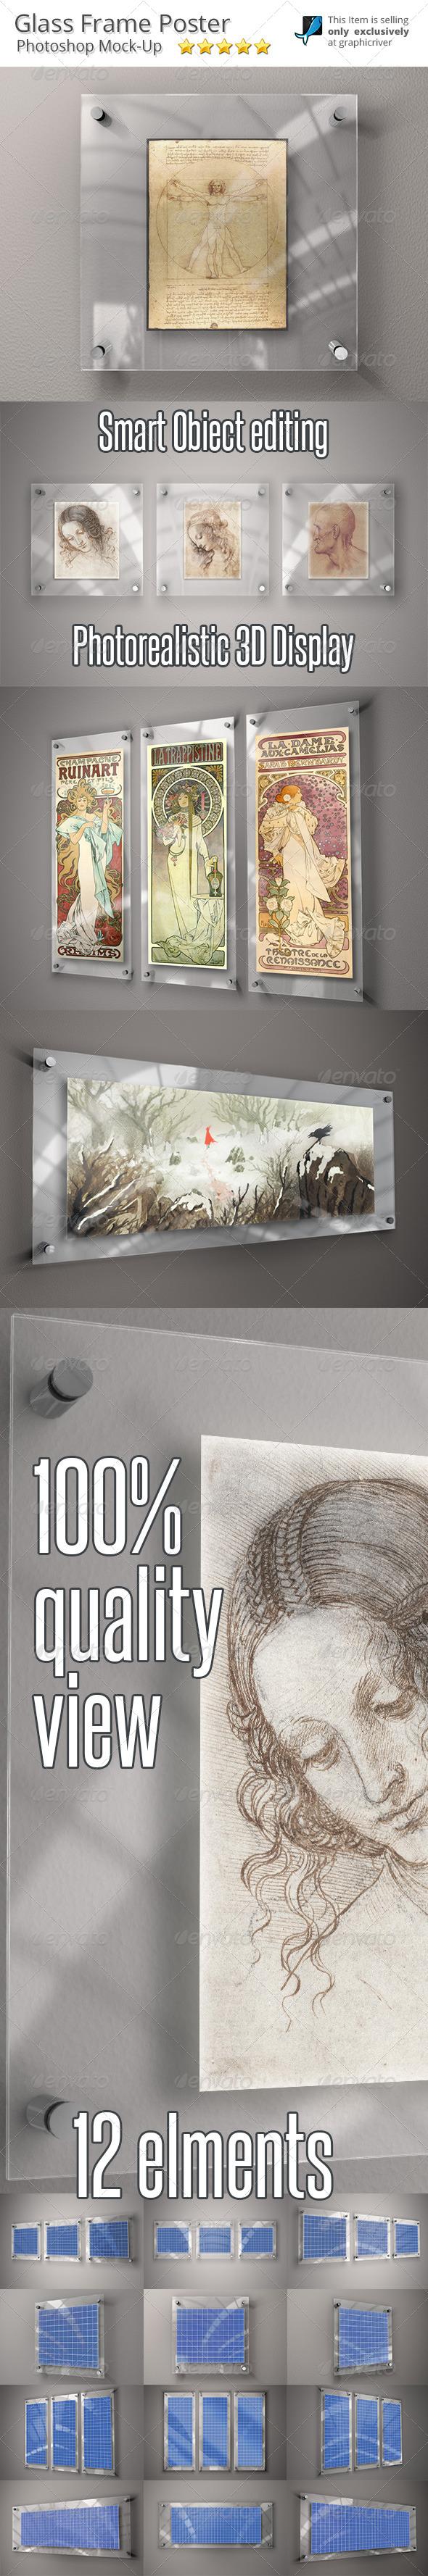 Glass Frame for Art - Mock-Up